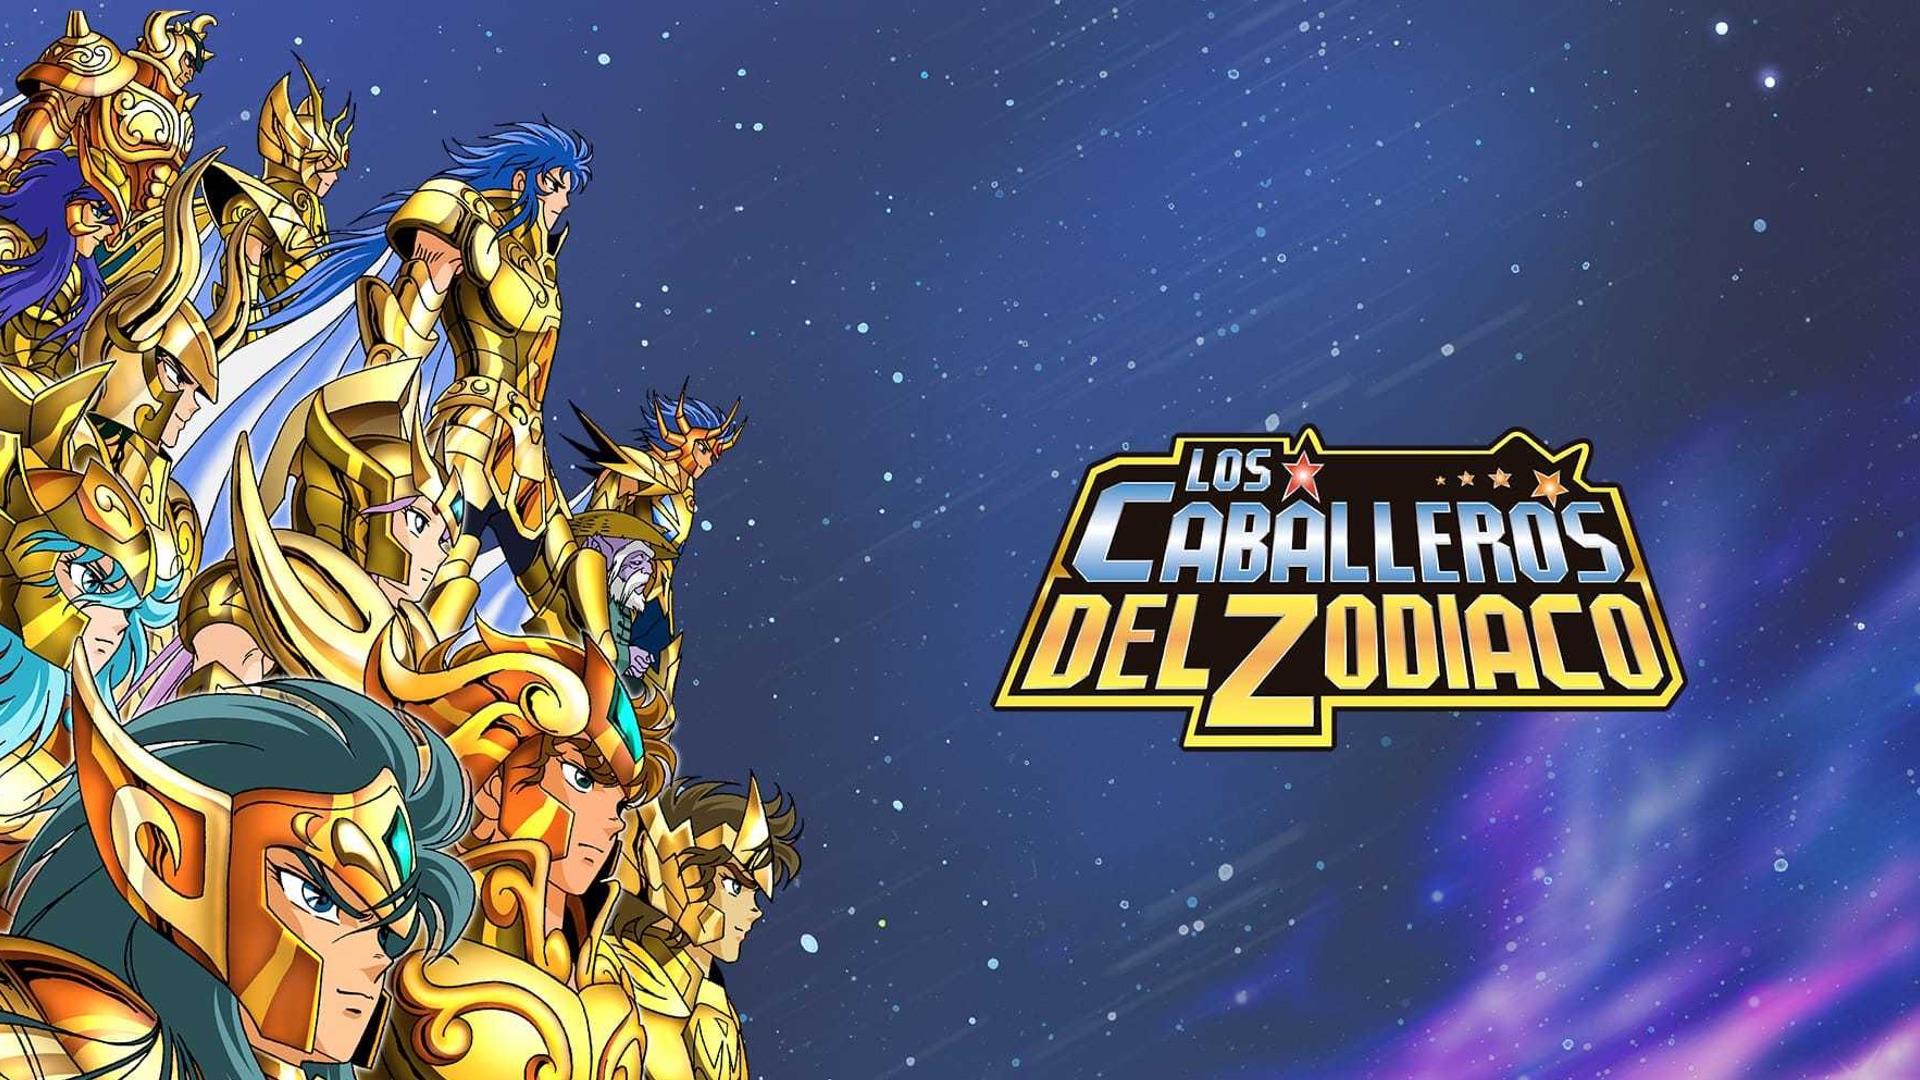 Cavaleiros Do Zodiaco Ouro 169800 Hd Wallpaper Backgrounds